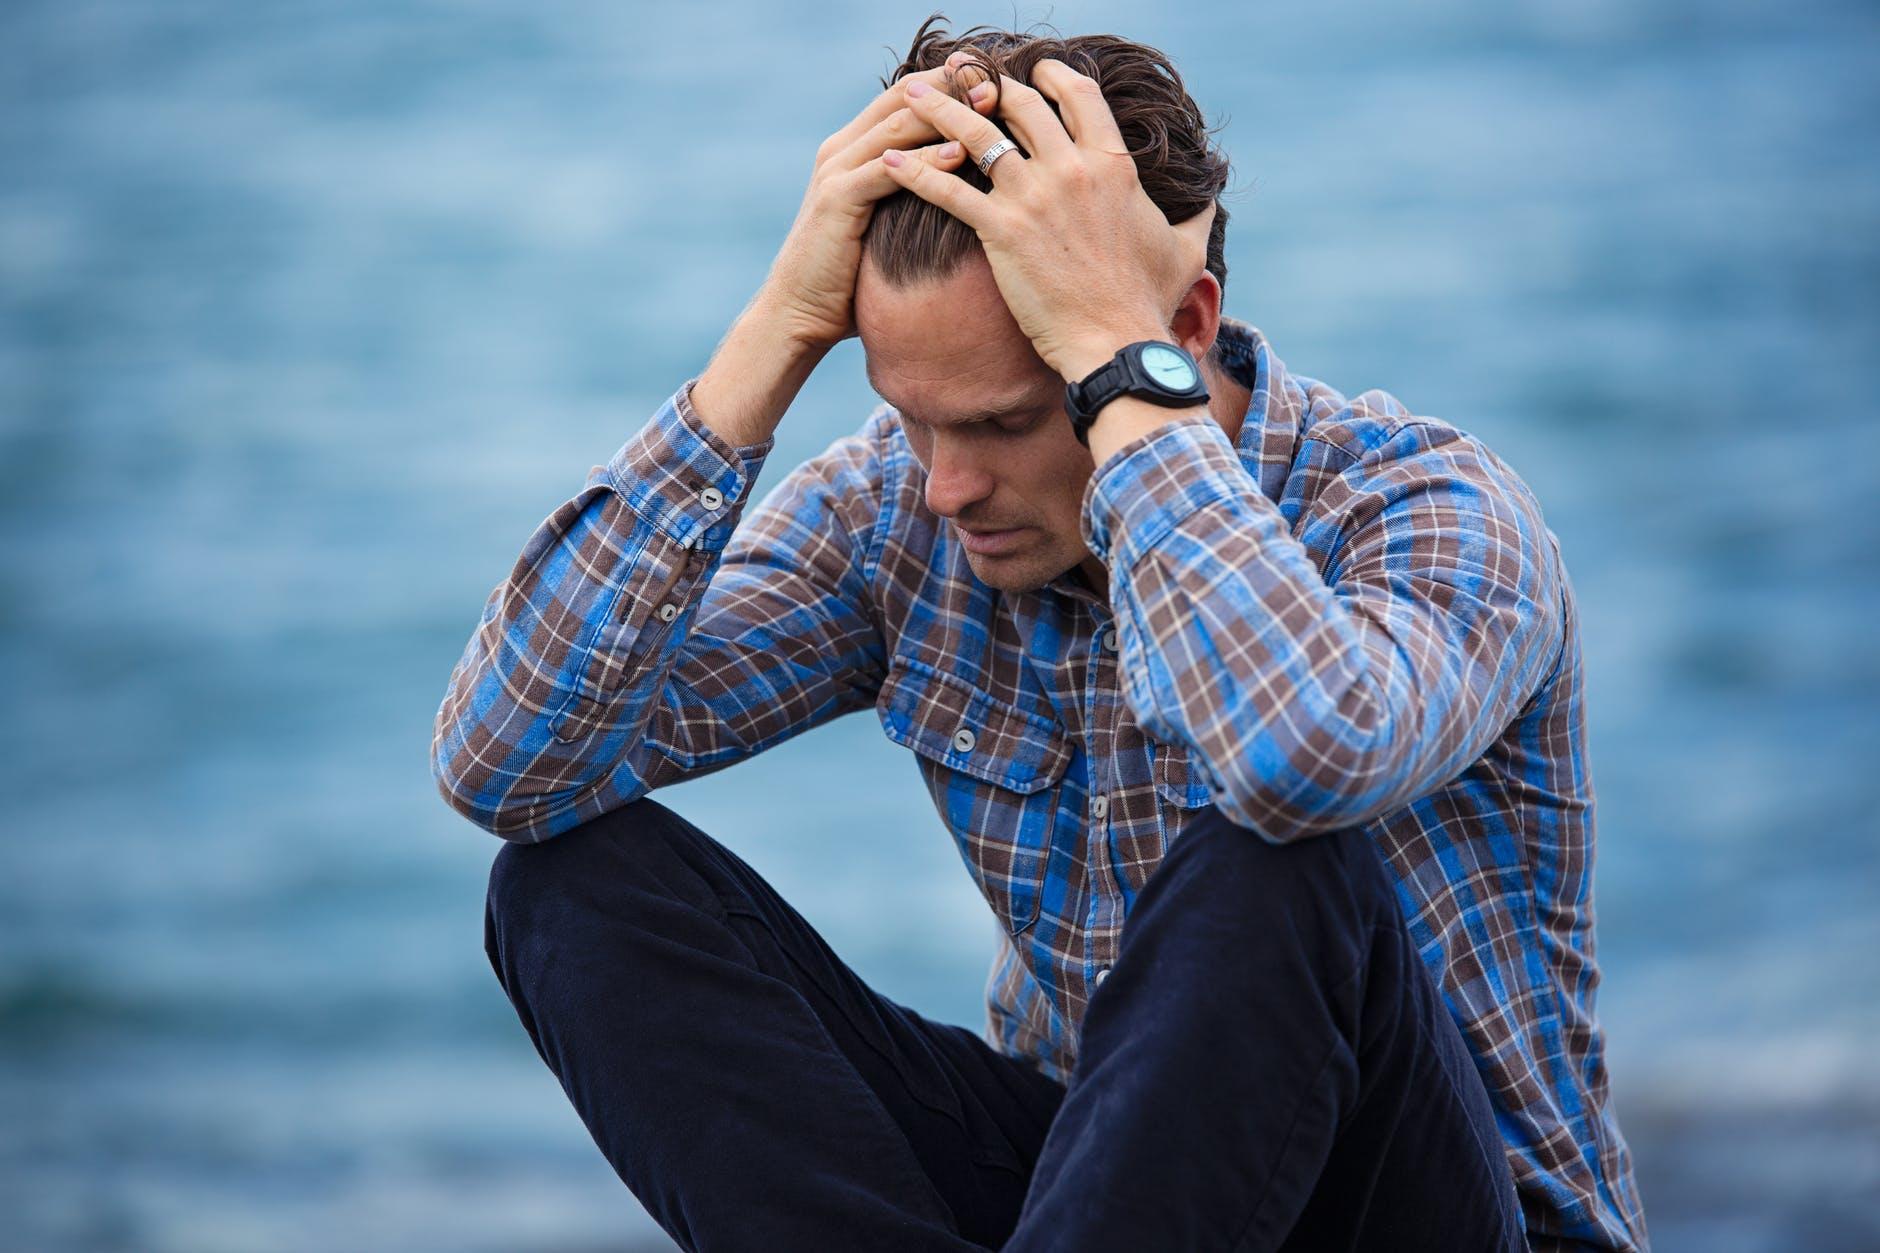 como lidar com a frustração